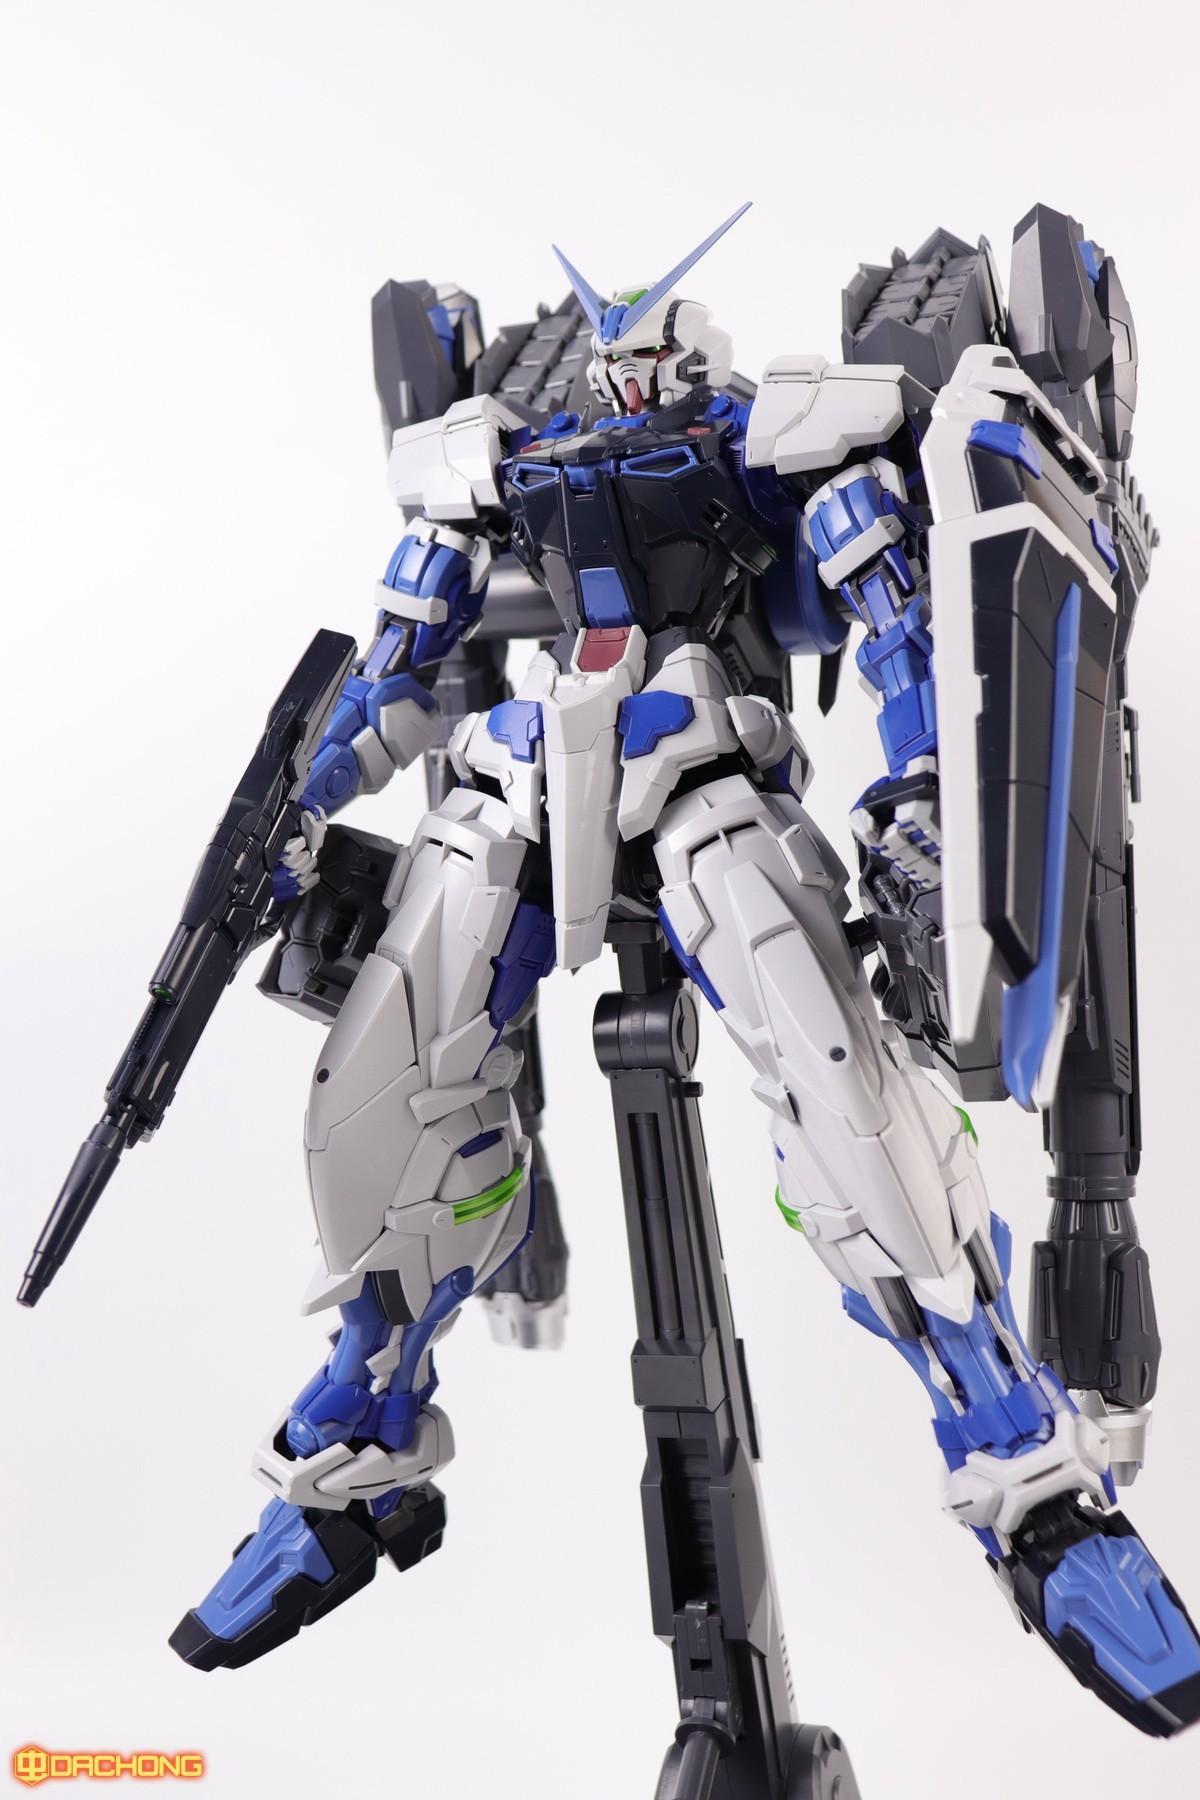 S306_blue_frame_astray_60_082.jpg